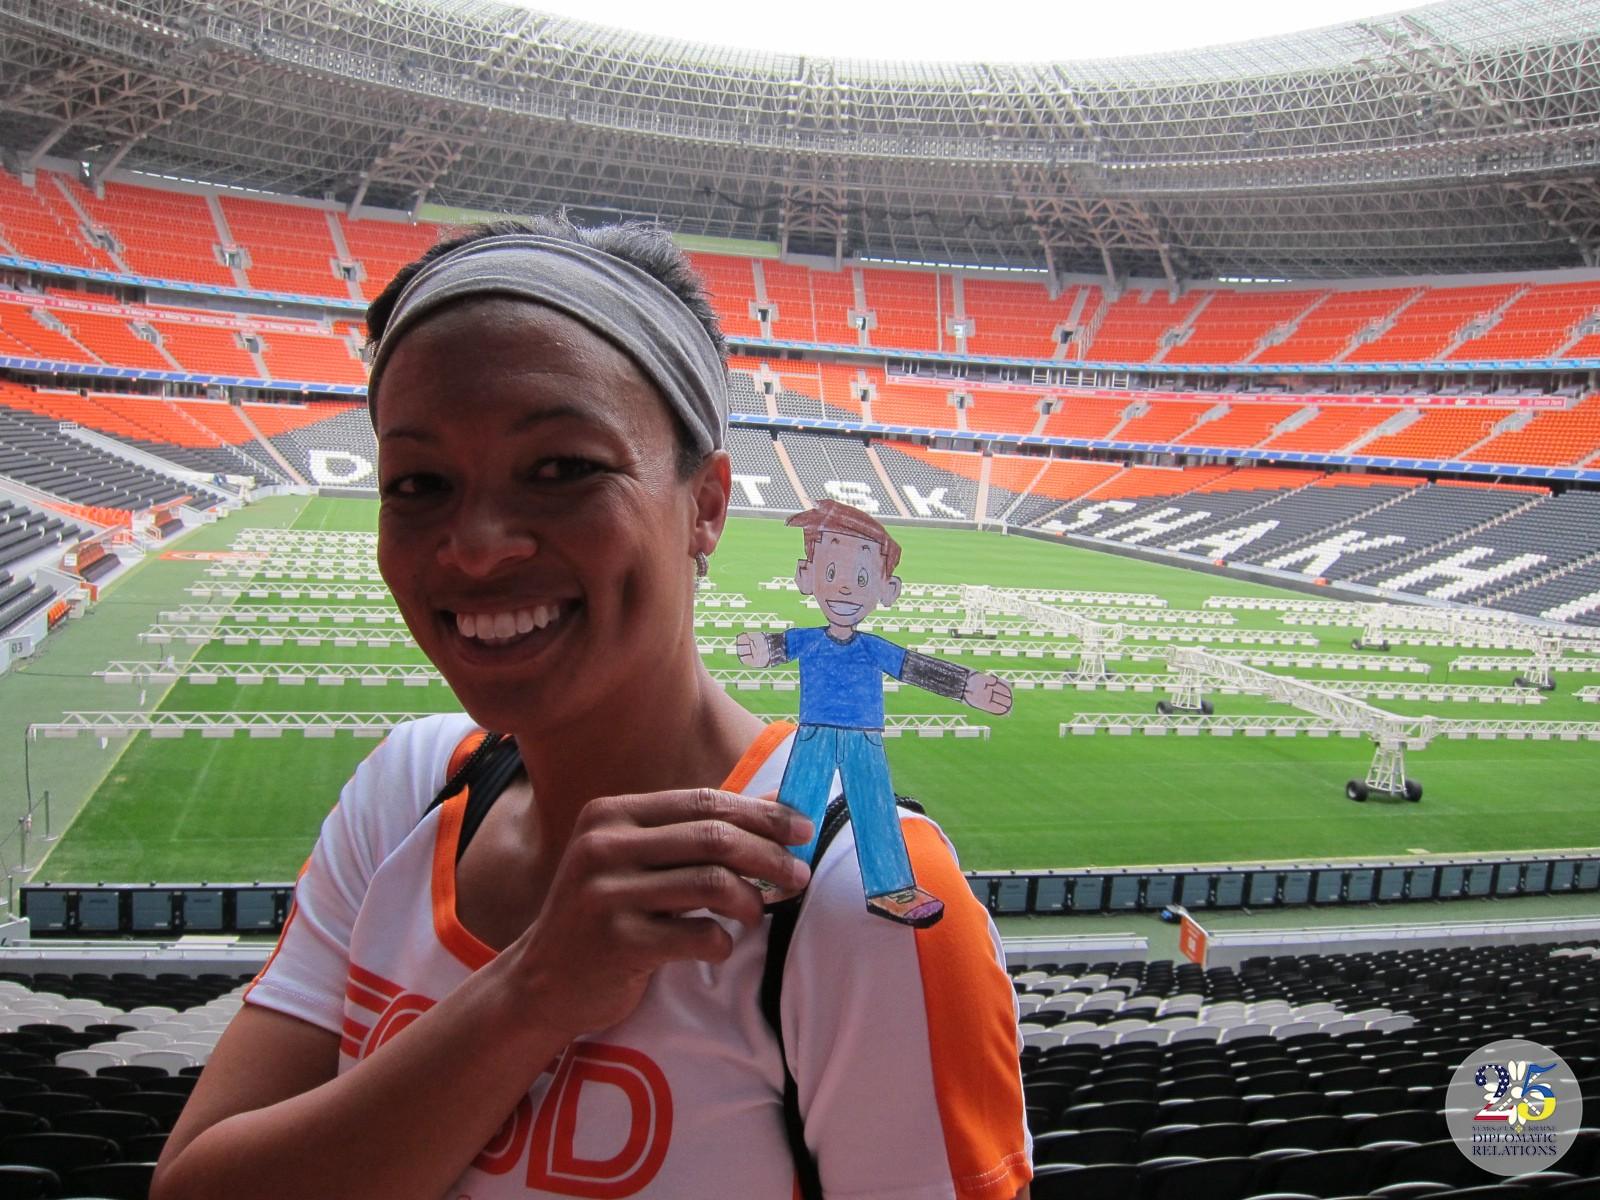 Анжела Хаклес, американская профессиональная футболистка-полузащитница, член национальной сборной по женскому футболу США посещает стадион Шахтер в Донецке 2013 году.